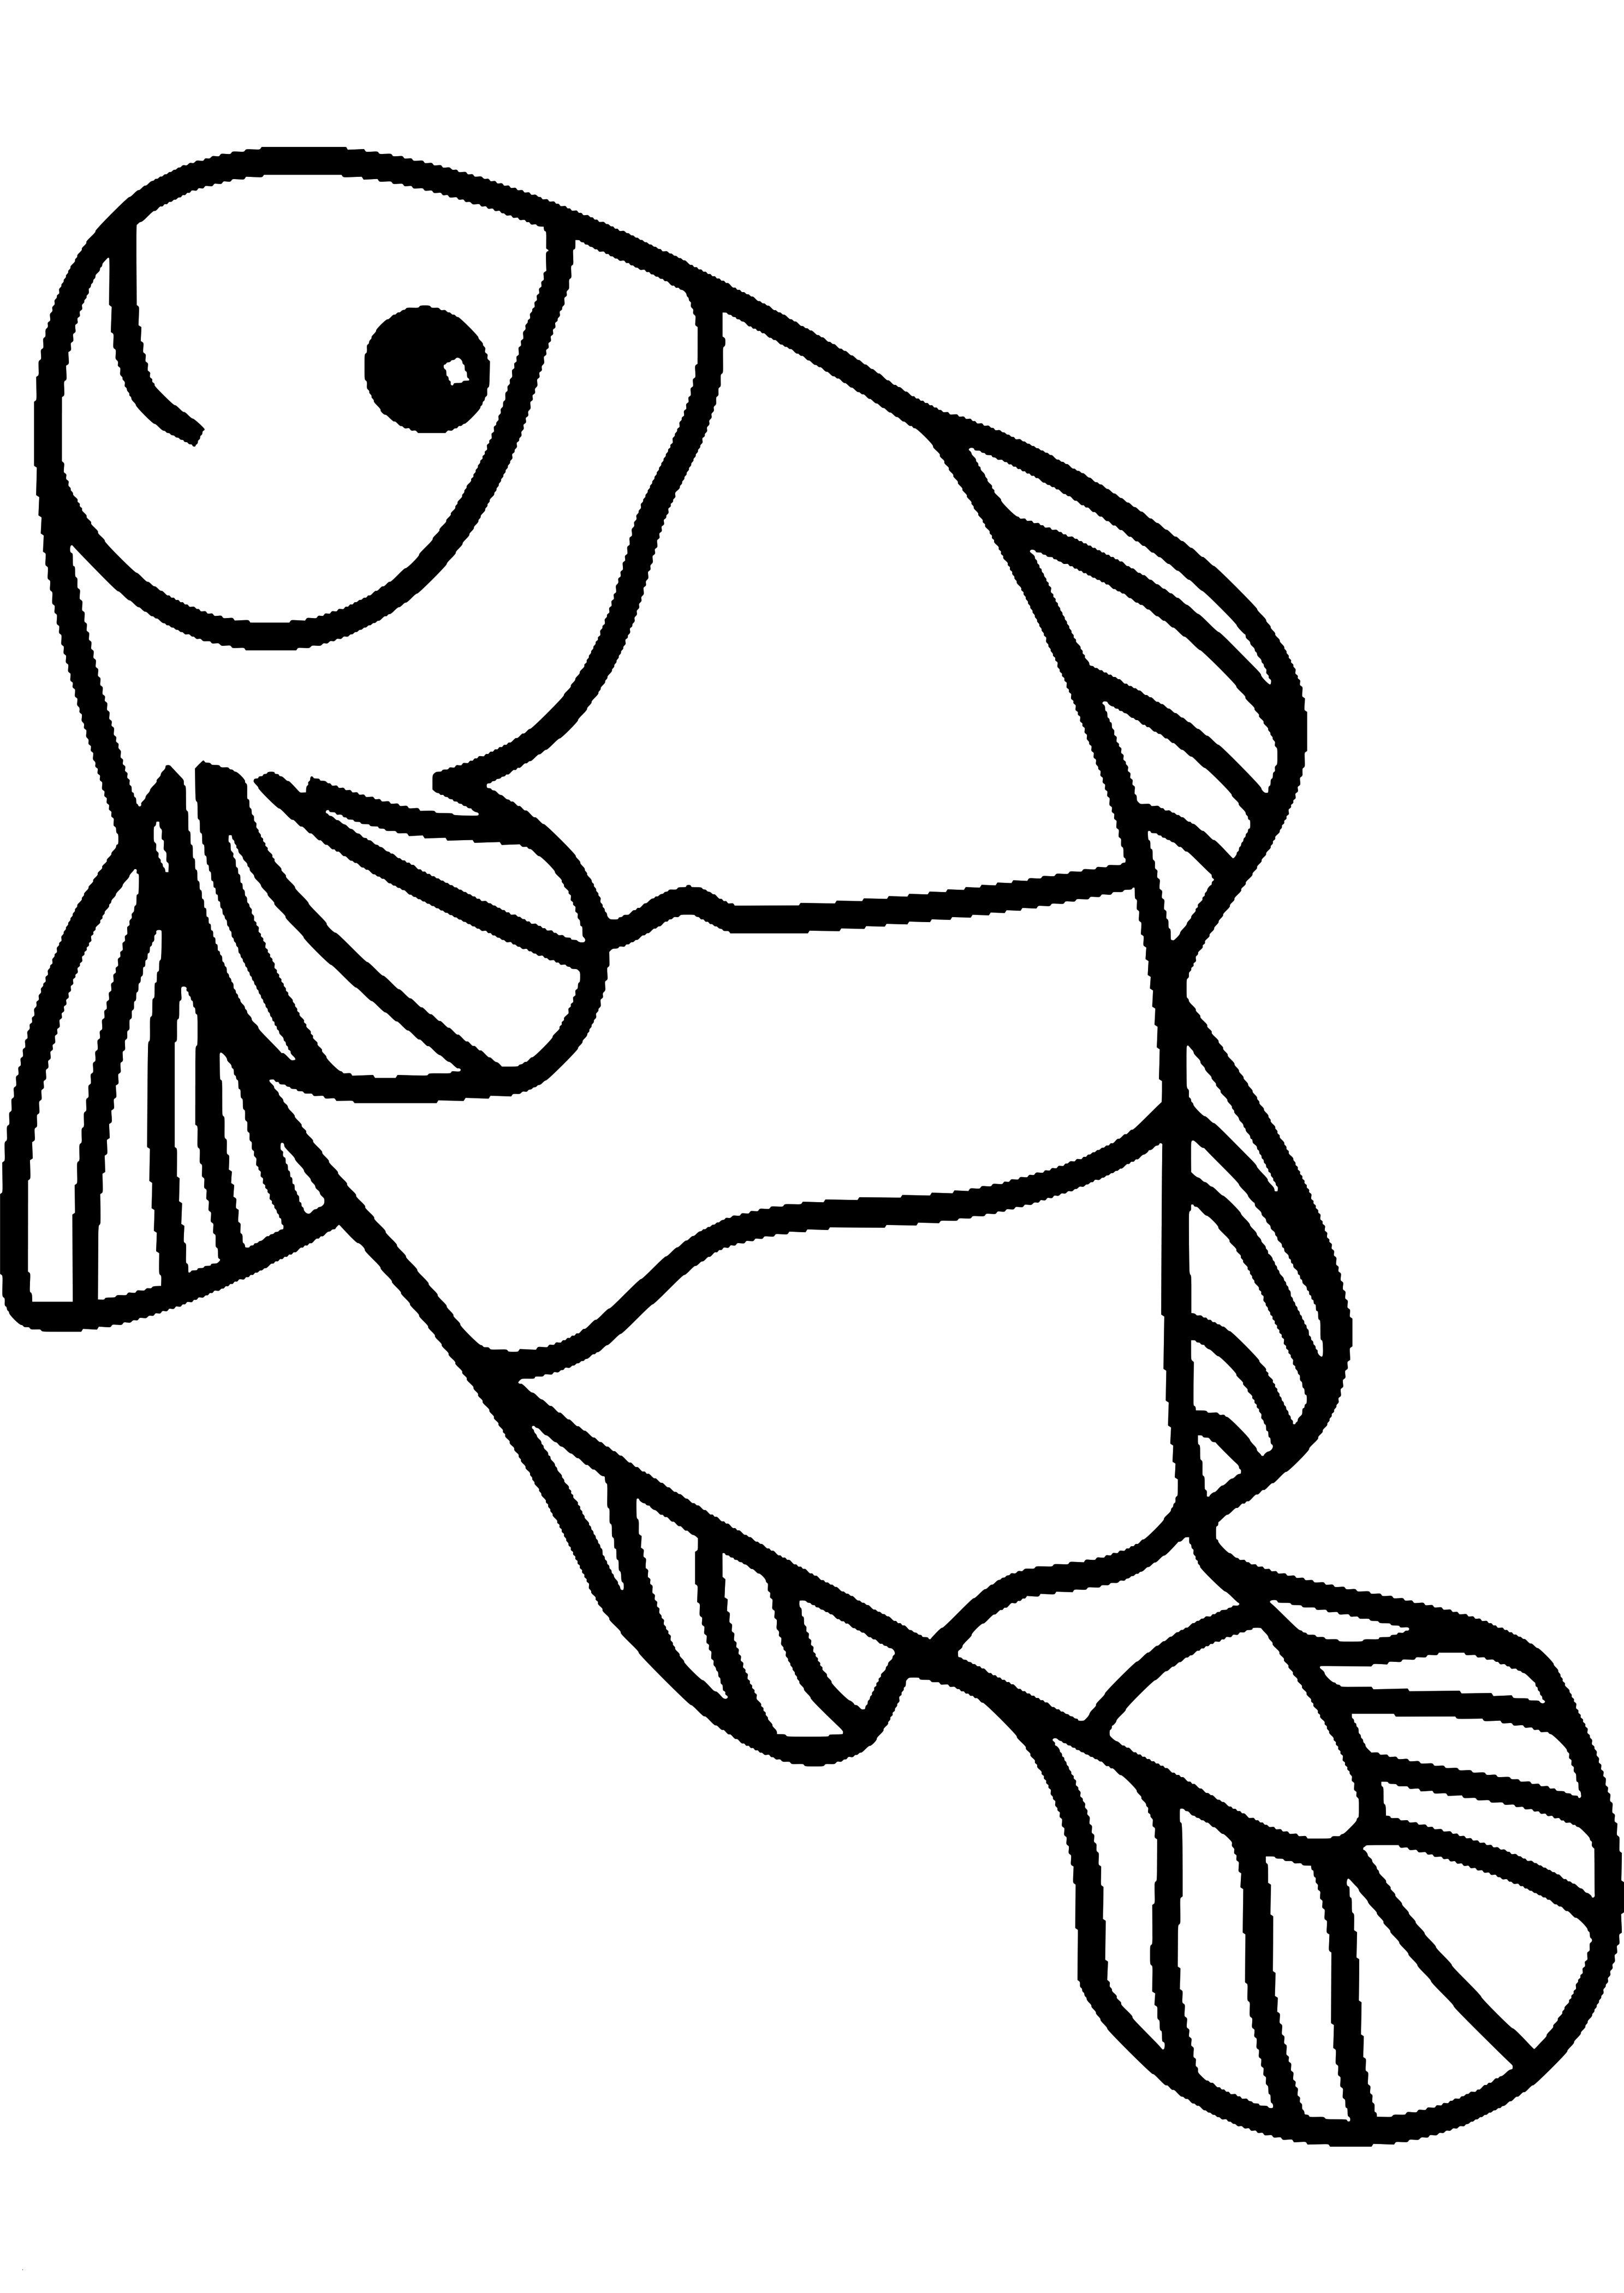 Ausmalbilder Weihnachten Ausdrucken Einzigartig Fische Bilder Zum Ausdrucken Das Beste Von Ausmalbilder Olaf Das Bild